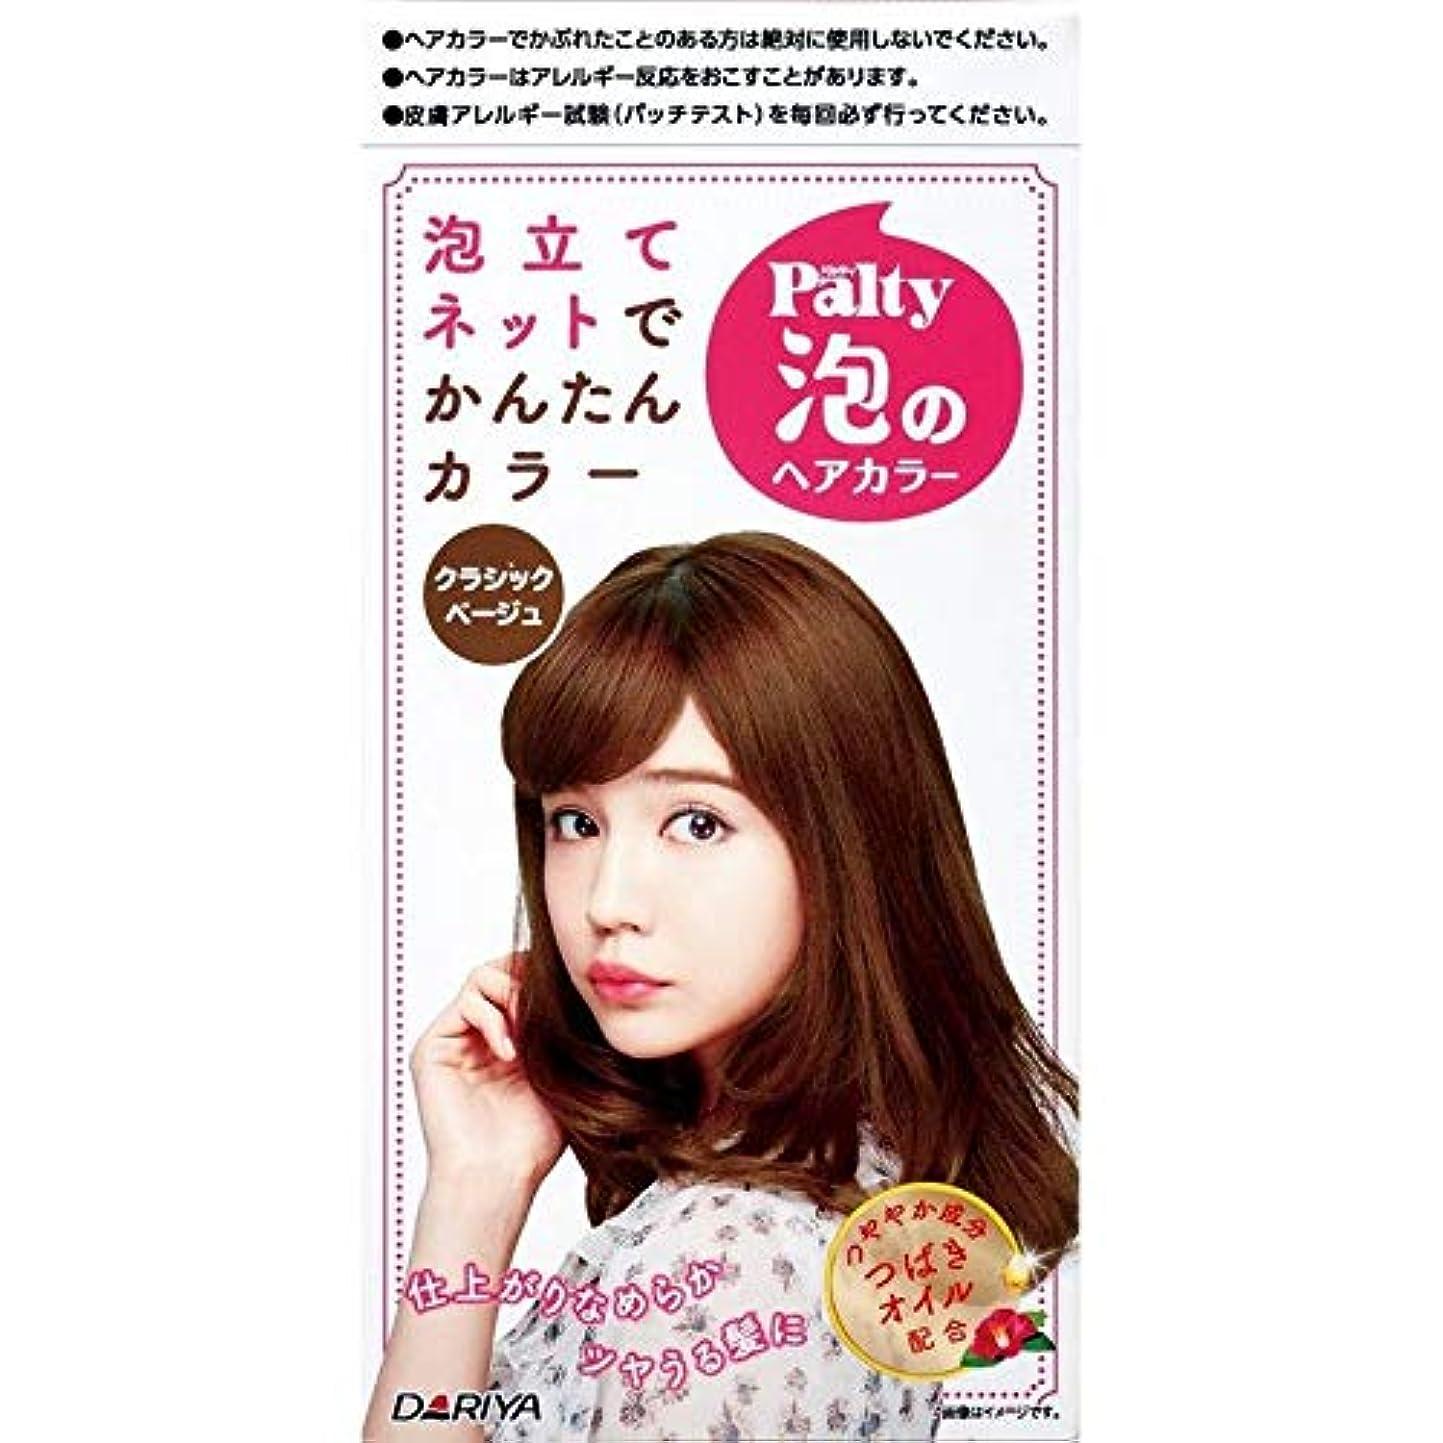 優れました柔らかさクマノミダリヤ パルティ 泡のヘアカラー クラシックベージュ 1剤42ML+2剤63ML 女性用ブリーチ 6個セット